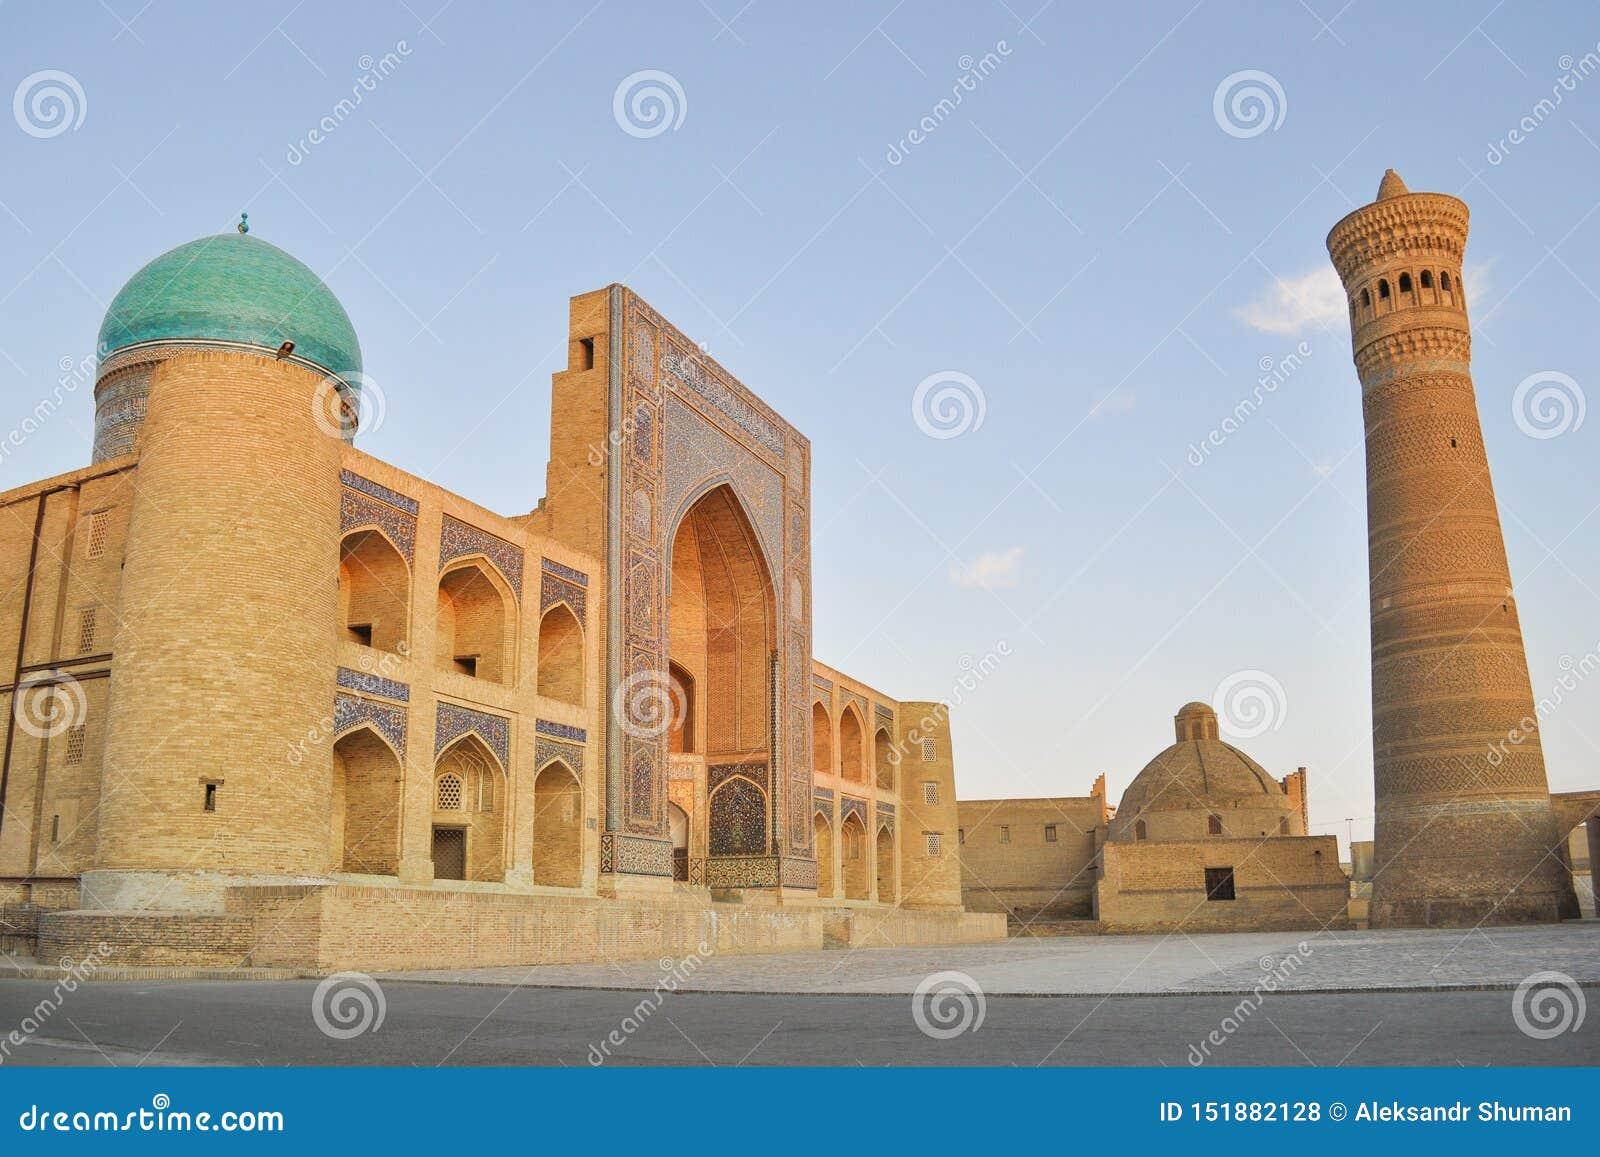 Poi卡尔扬清真寺位于布哈拉的历史部分